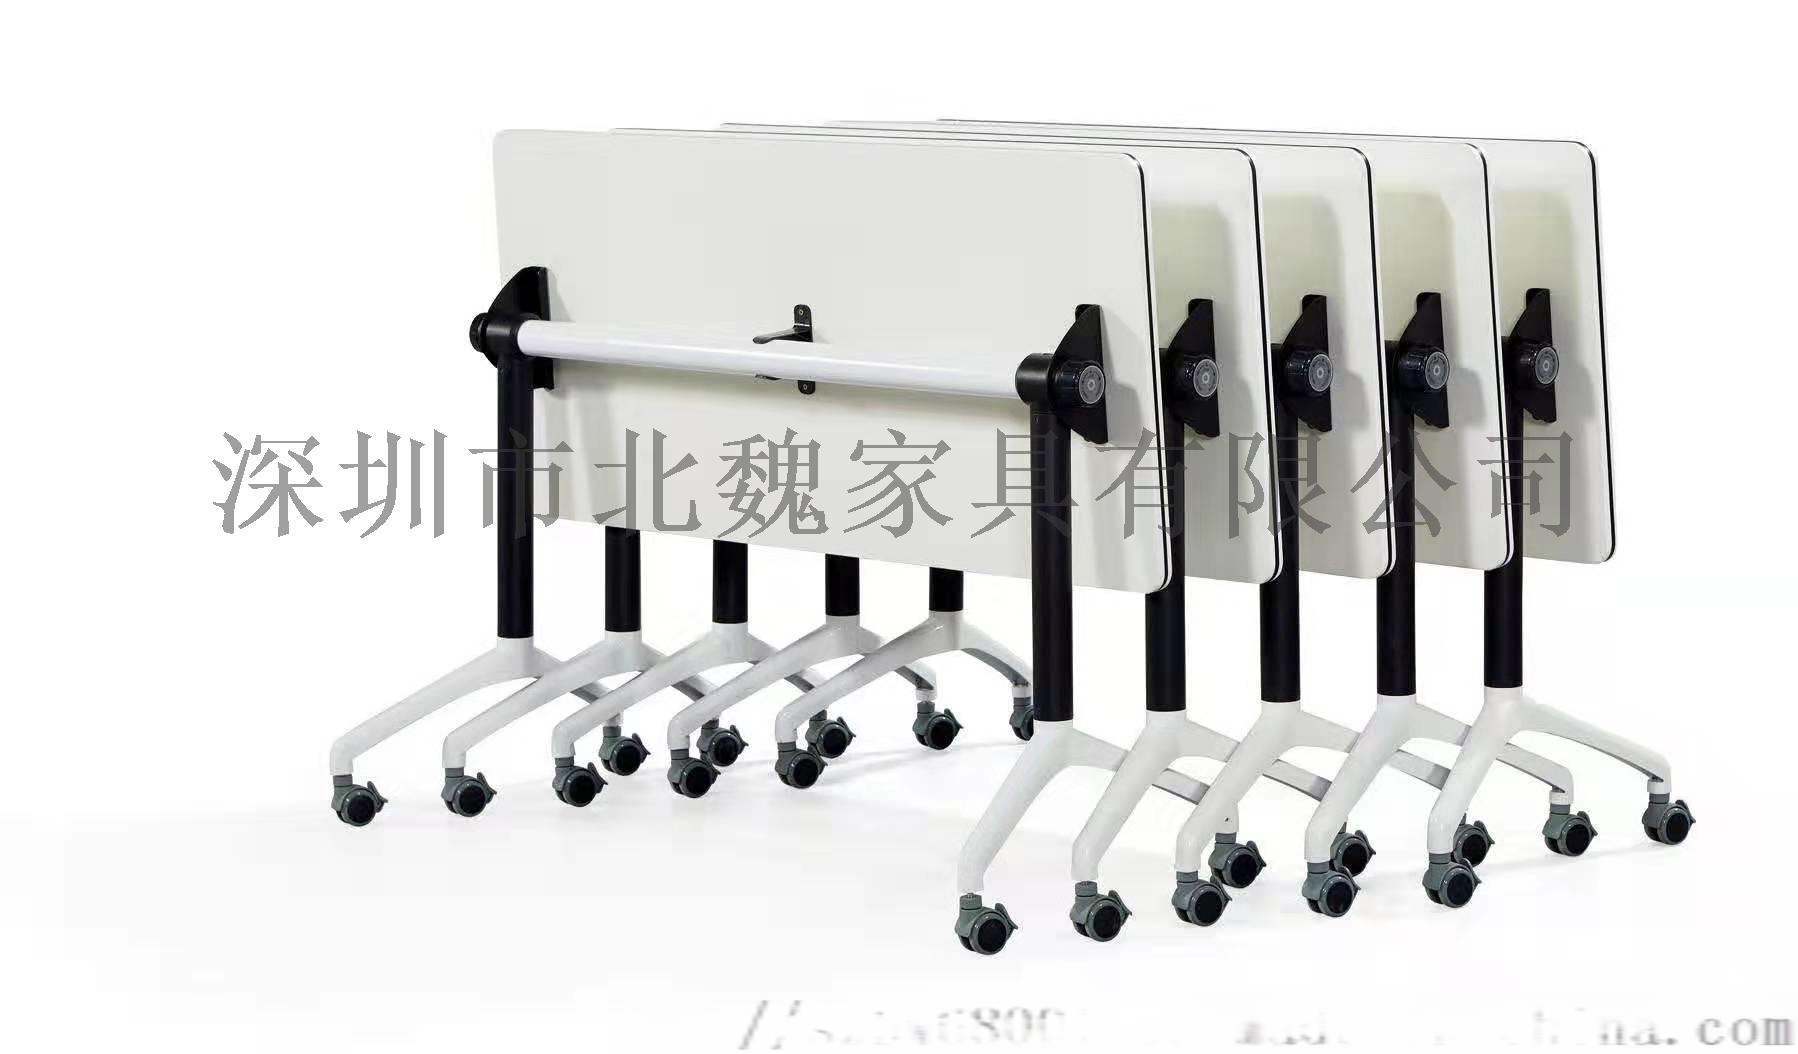 折叠培训桌 可折叠培训台 广东培训桌生产厂家123069455